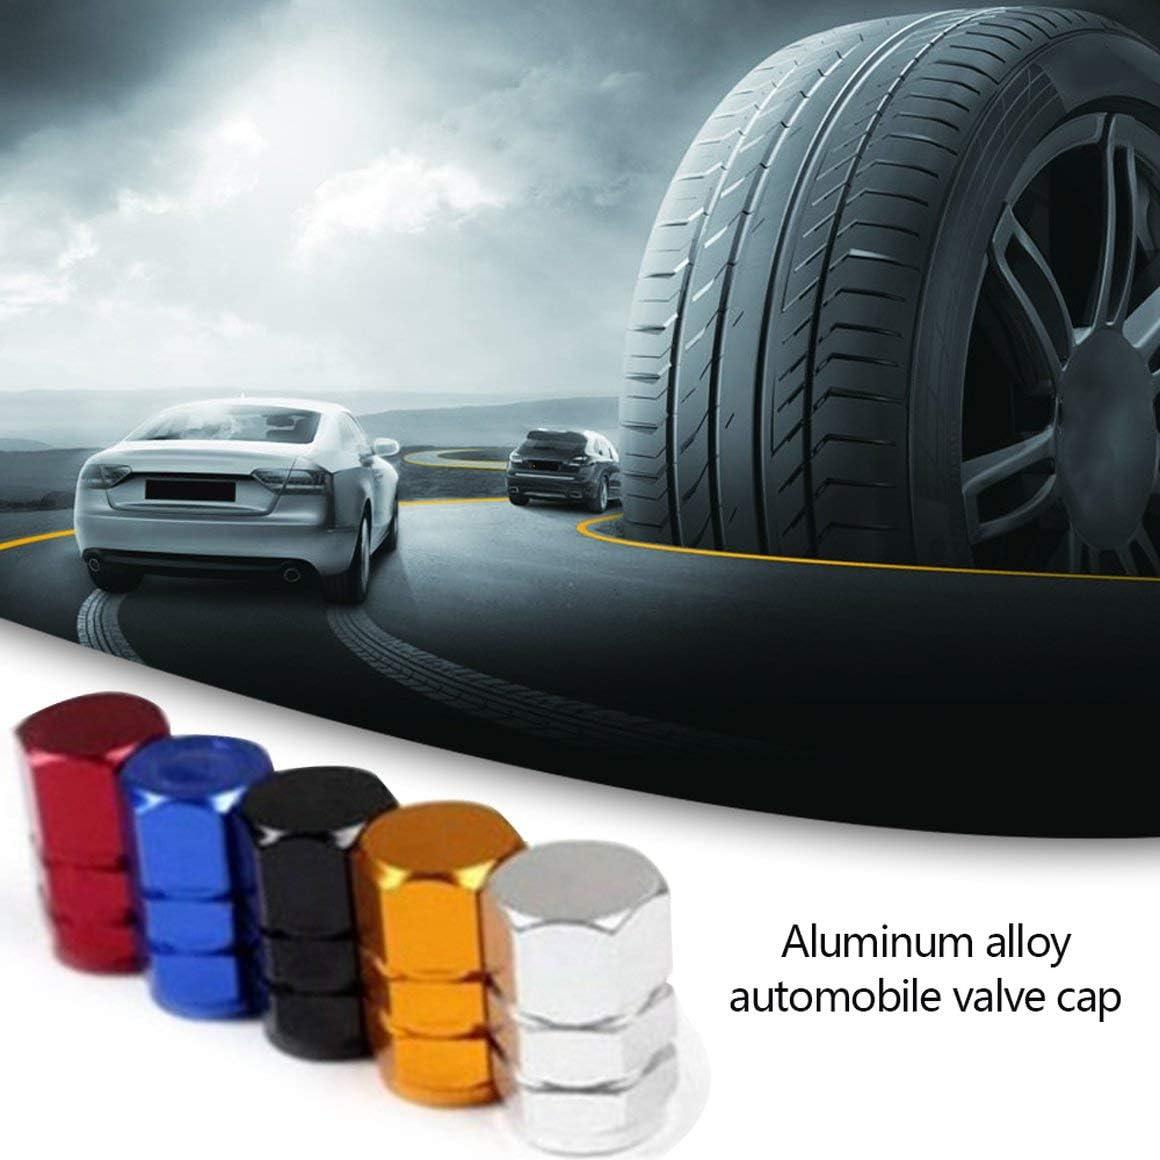 Funnyrunstore 4Pz Set Tappo valvola in Lega di Alluminio per Pneumatici Automobili Tappi valvola Antipolvere per valvole Accessori Decorativi Auto Nero